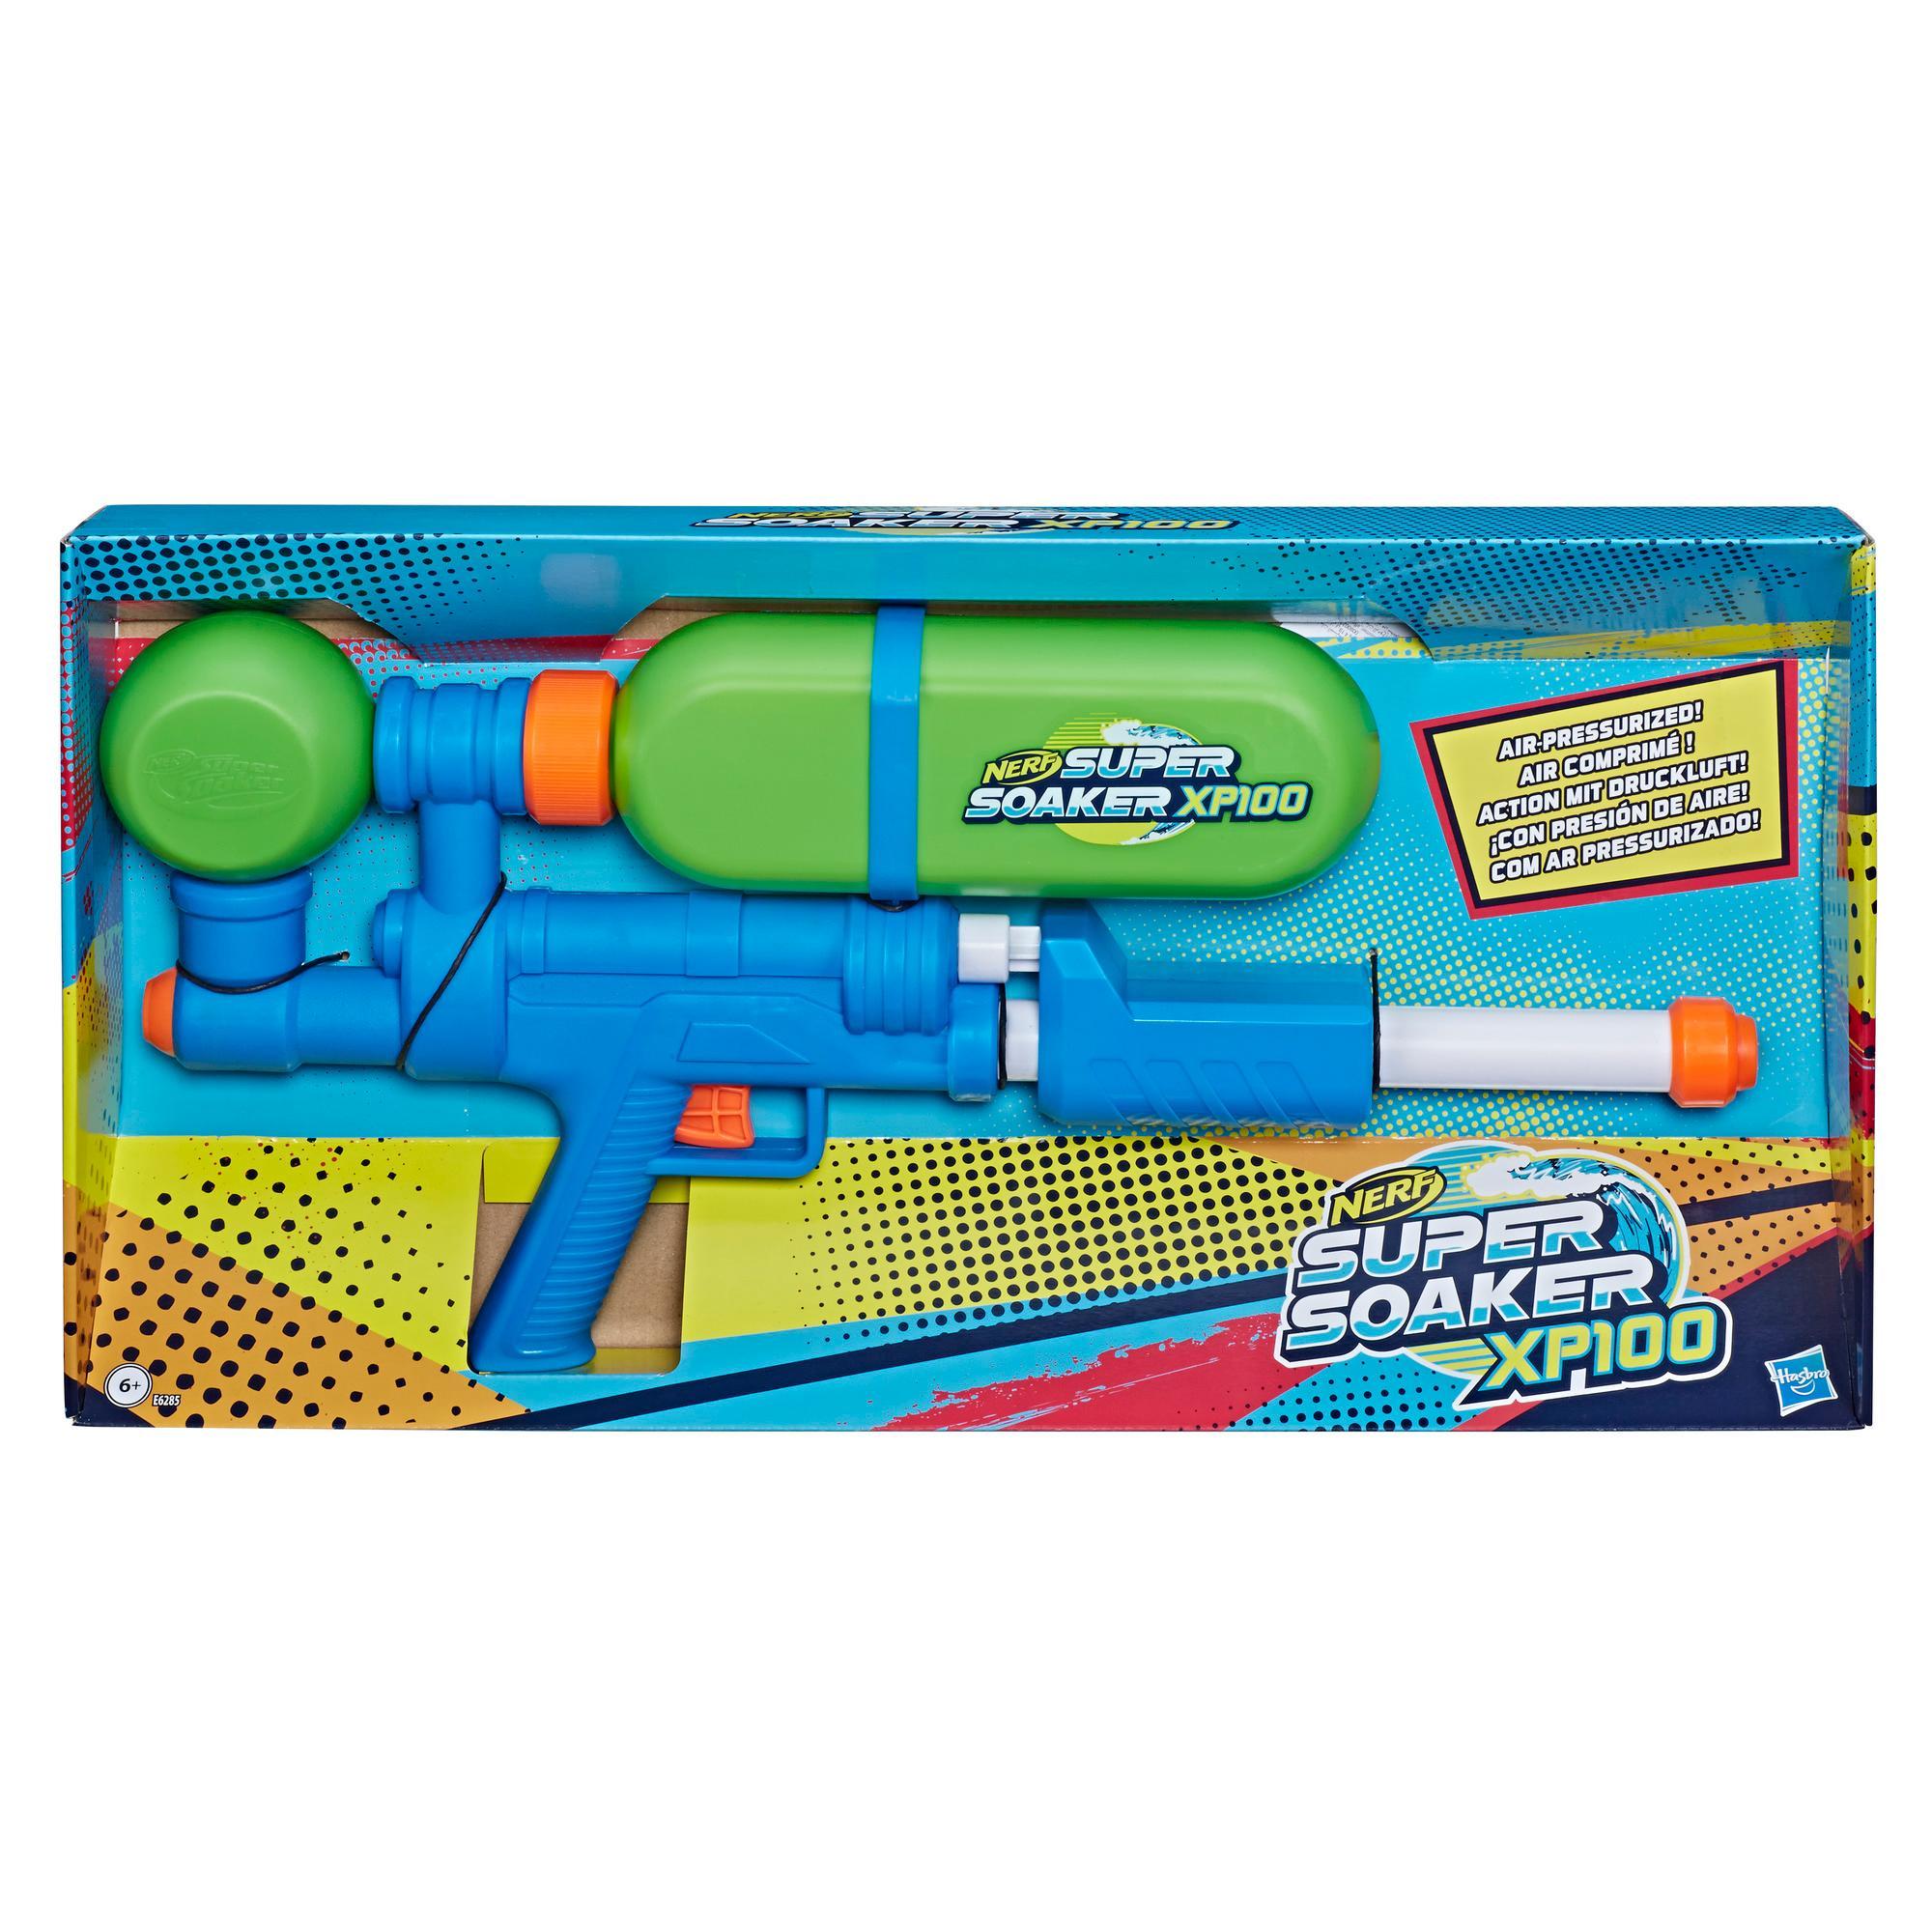 Nerf Super Soaker blaster à eau XP100 - jet continu à air comprimé - réservoir amovible - pour enfants, ados et adultes